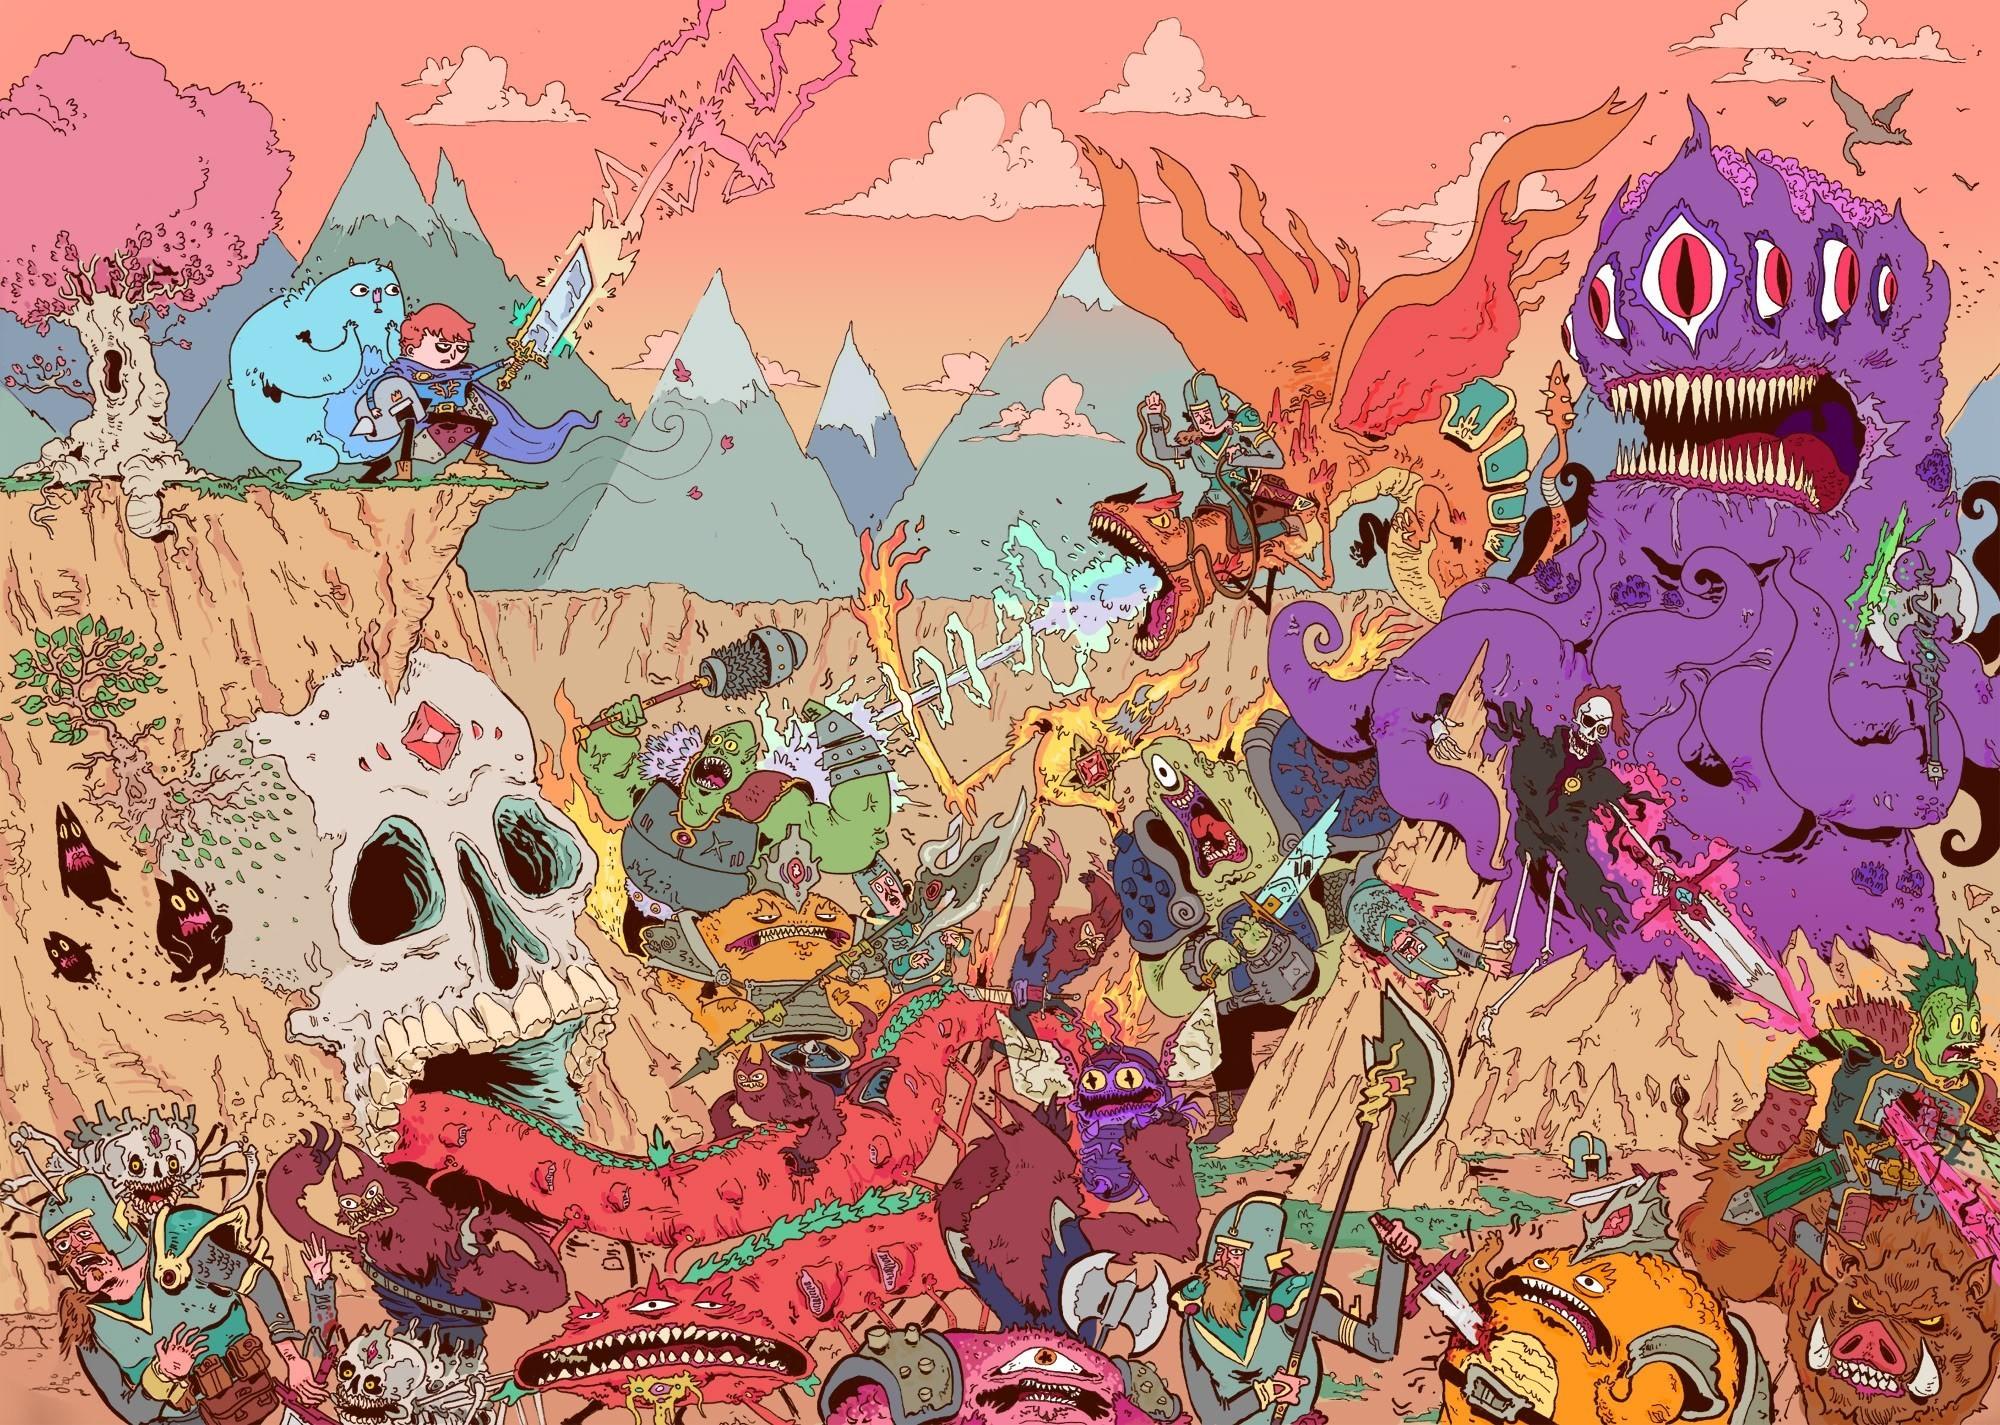 Lsd Trip Wallpaper Hd Lsd Wallpapers 58 Images